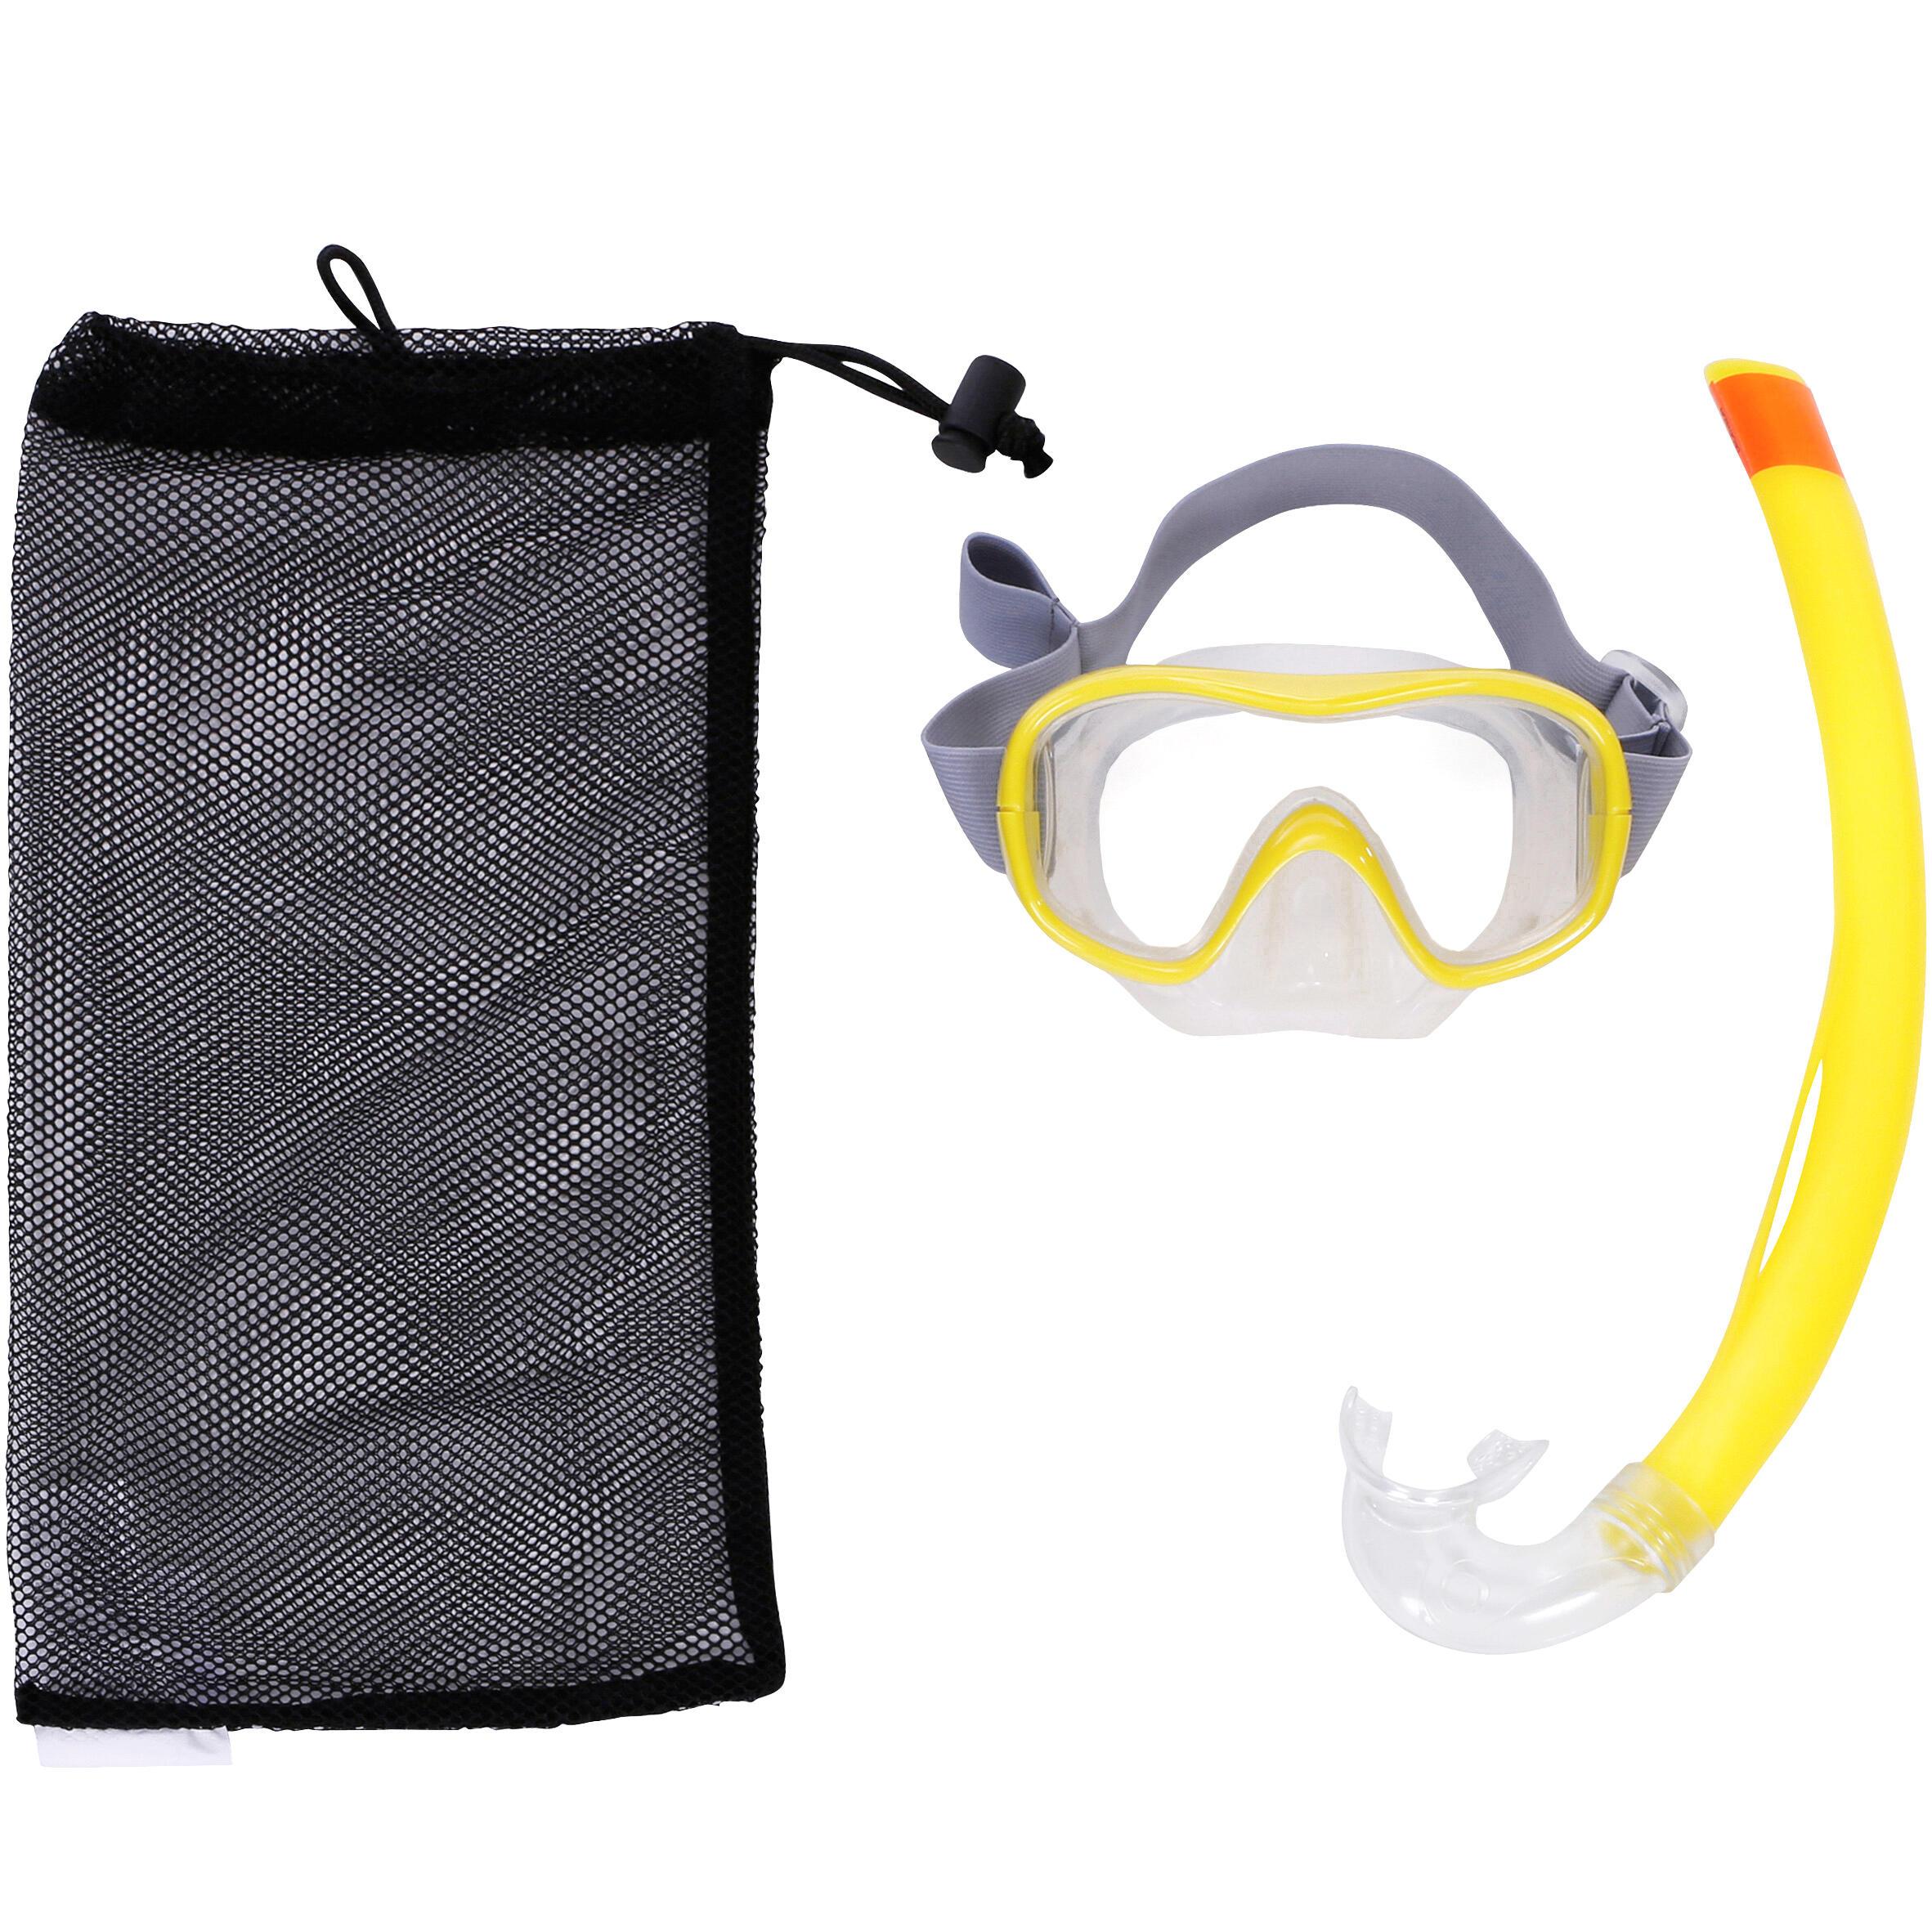 Kit de máscara y tubo de snorkeling 500 amarillo